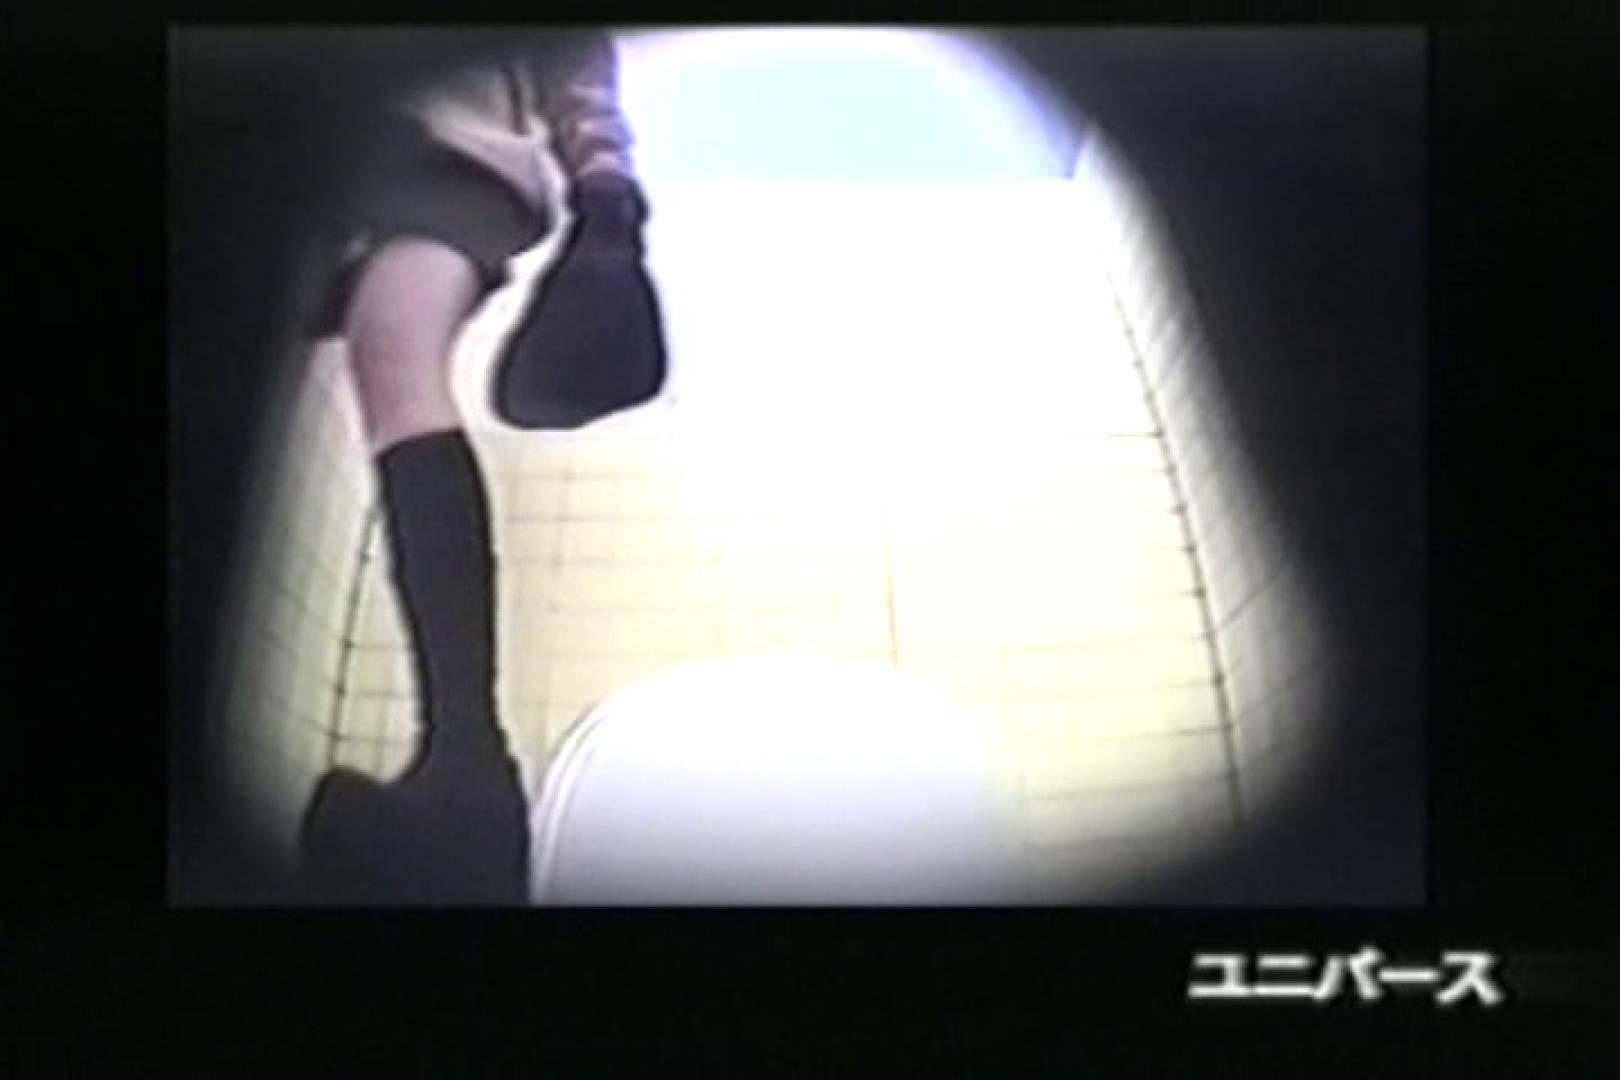 下半身シースルー洗面所Vol.3 盗撮師作品 ワレメ動画紹介 106pic 68